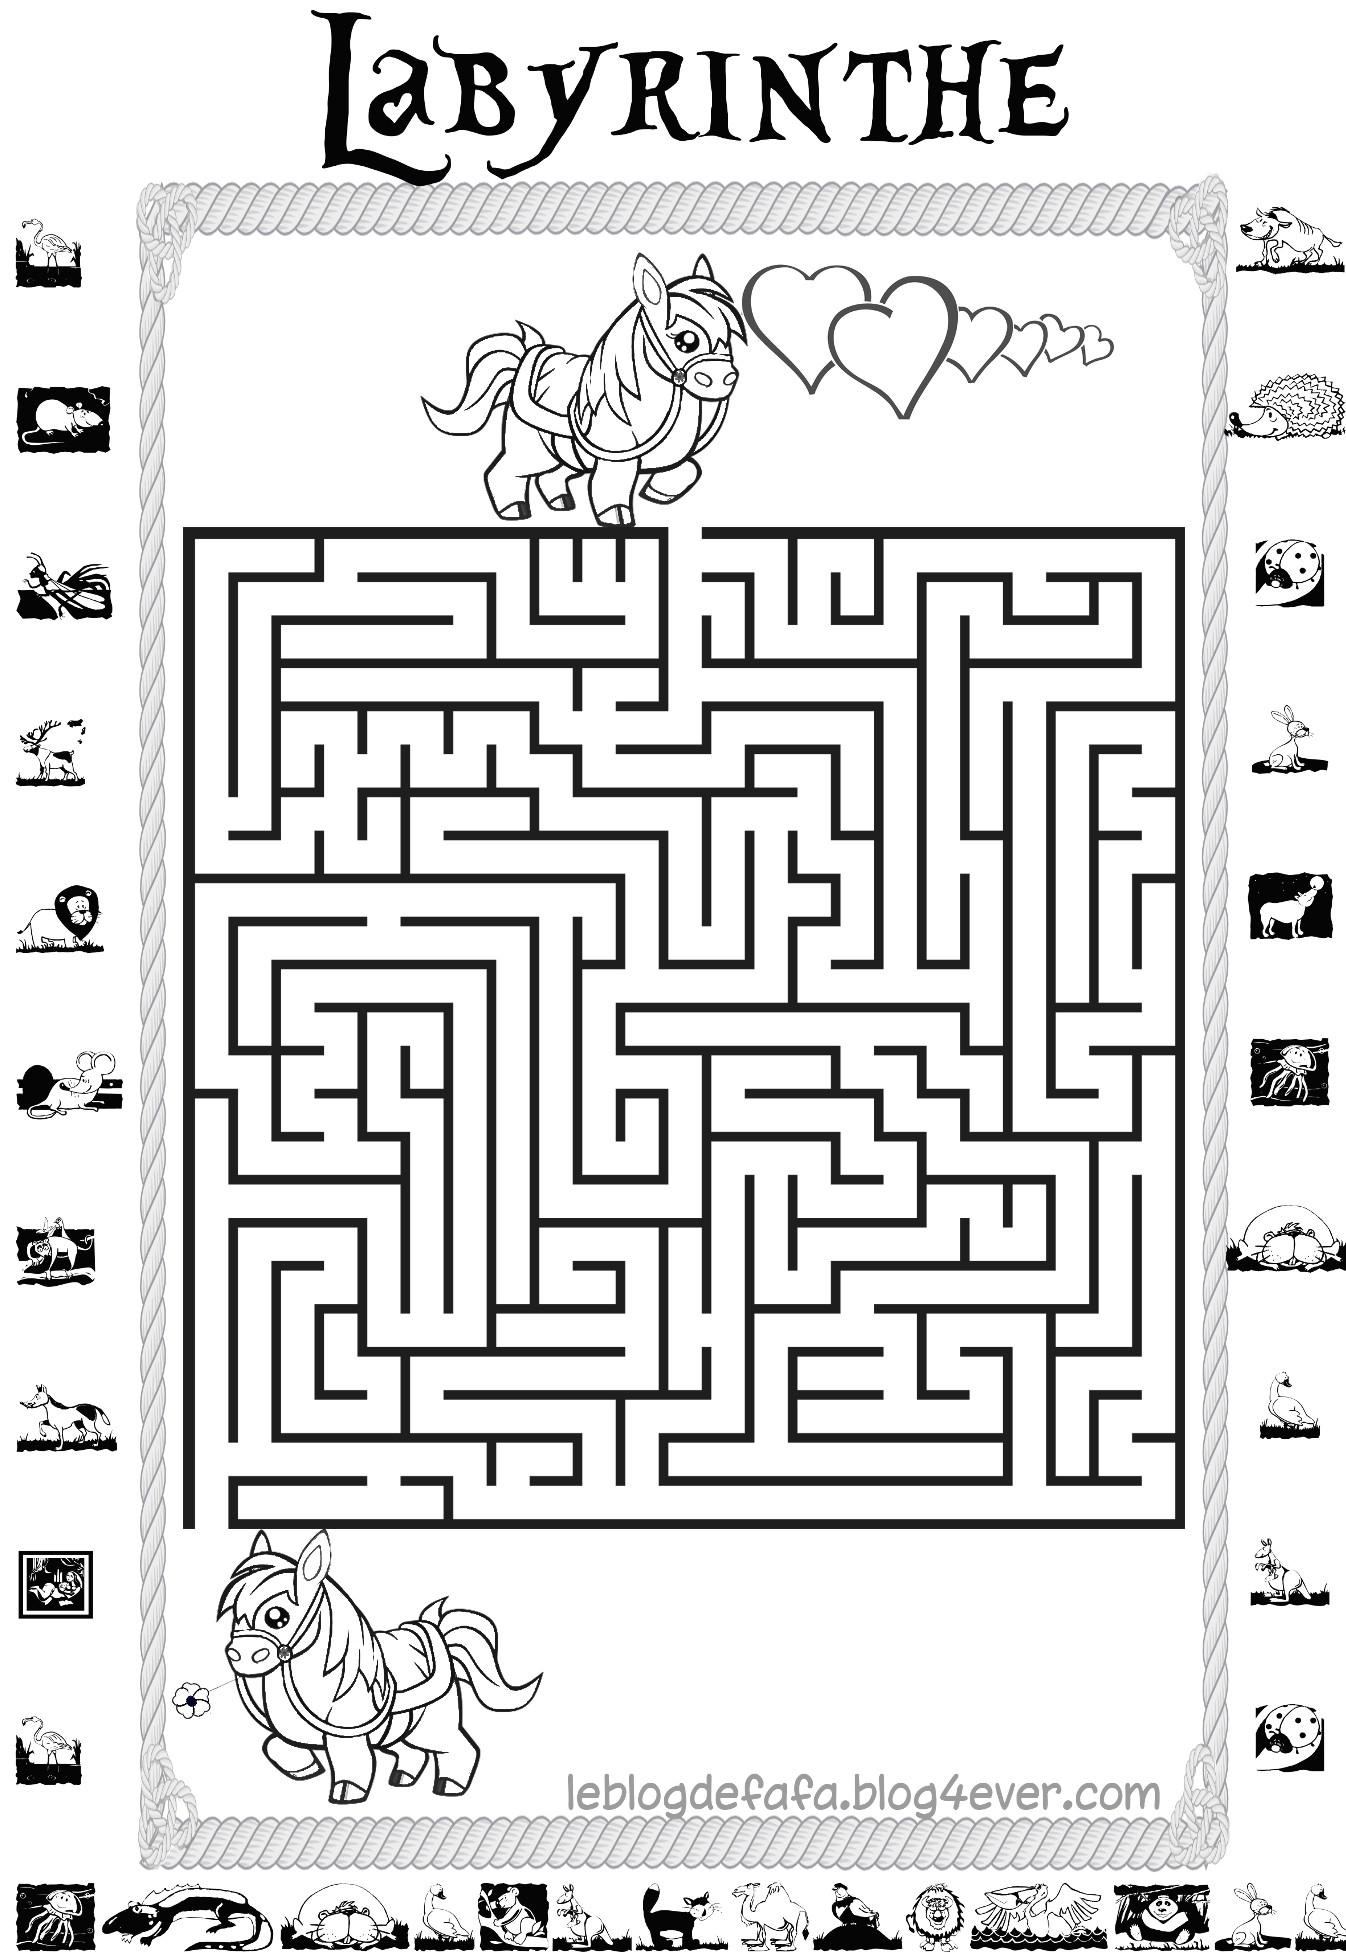 Jeux Chevaux Gratuits À Imprimer : Labyrinthes, Apprendre À destiné Labyrinthes À Imprimer